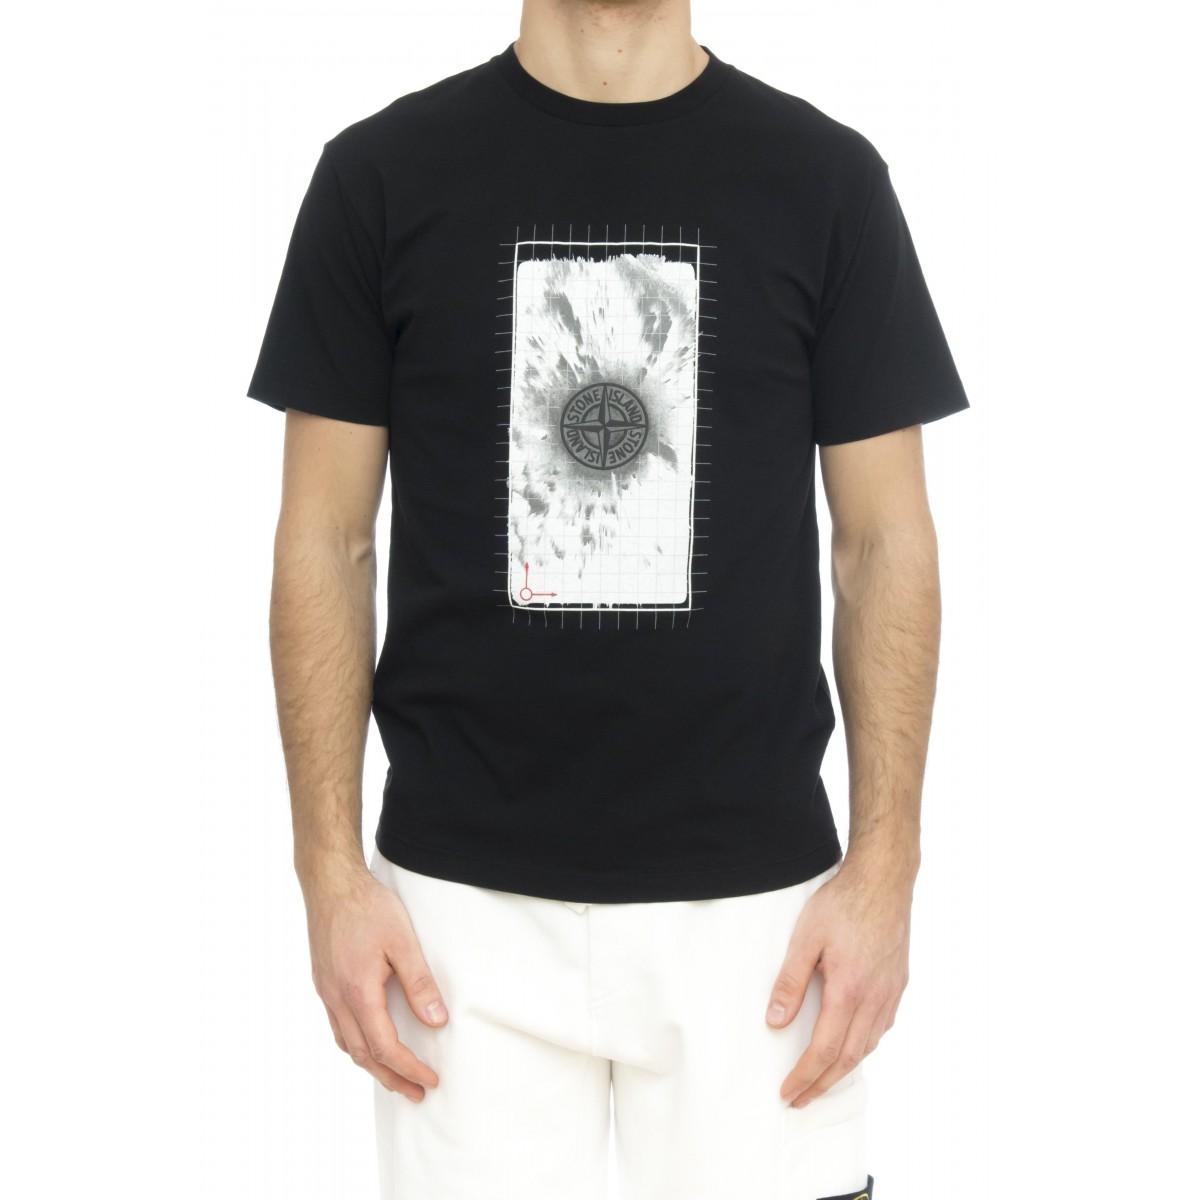 T-shirt uomo - 2ns87 t-shirt stampa